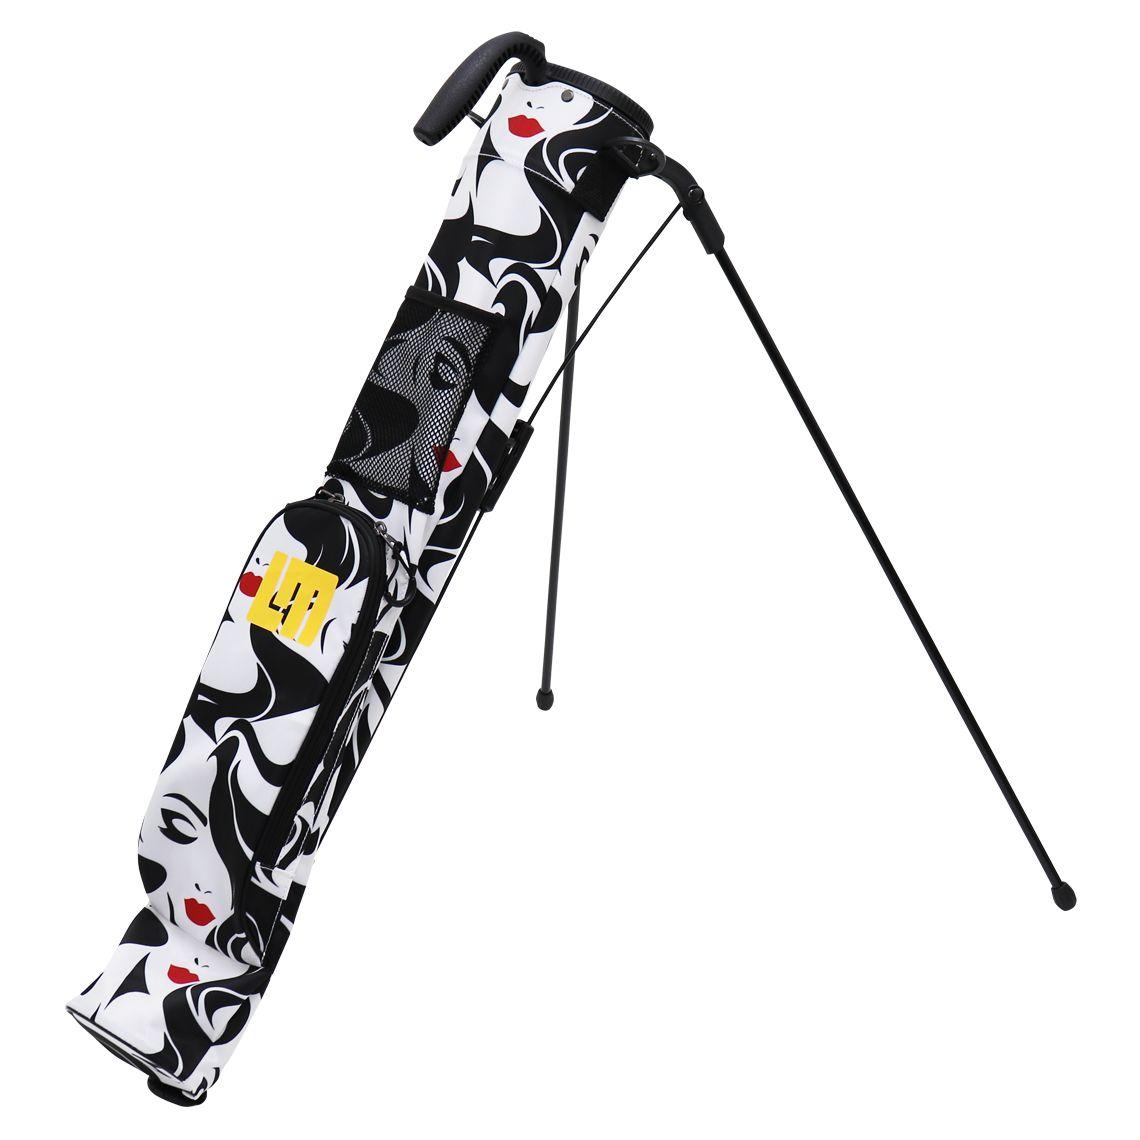 ラウドマウス メンズ レディース クラブケース スタンド バッグ Loudmouth ゴルフ LM-CC0004 152 Mona(モナ)